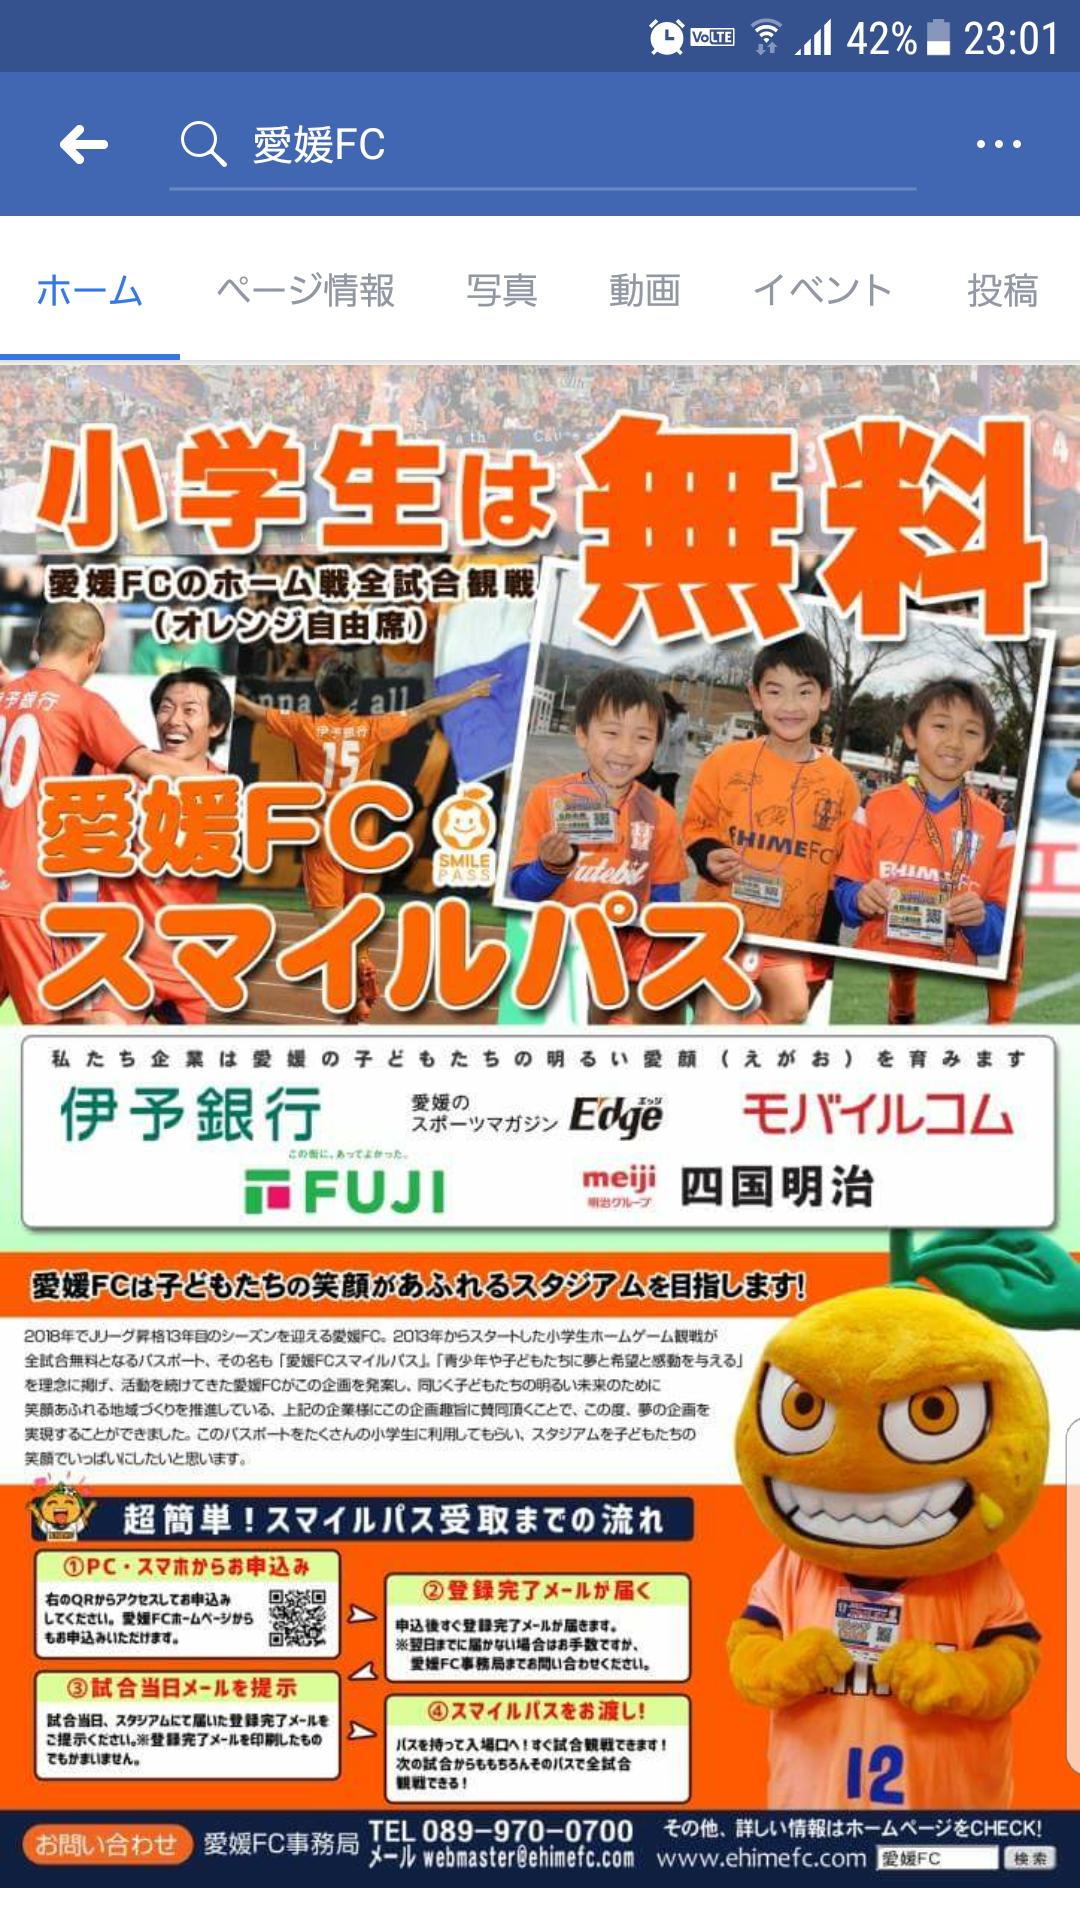 Fc 掲示板 愛媛 愛媛FC U